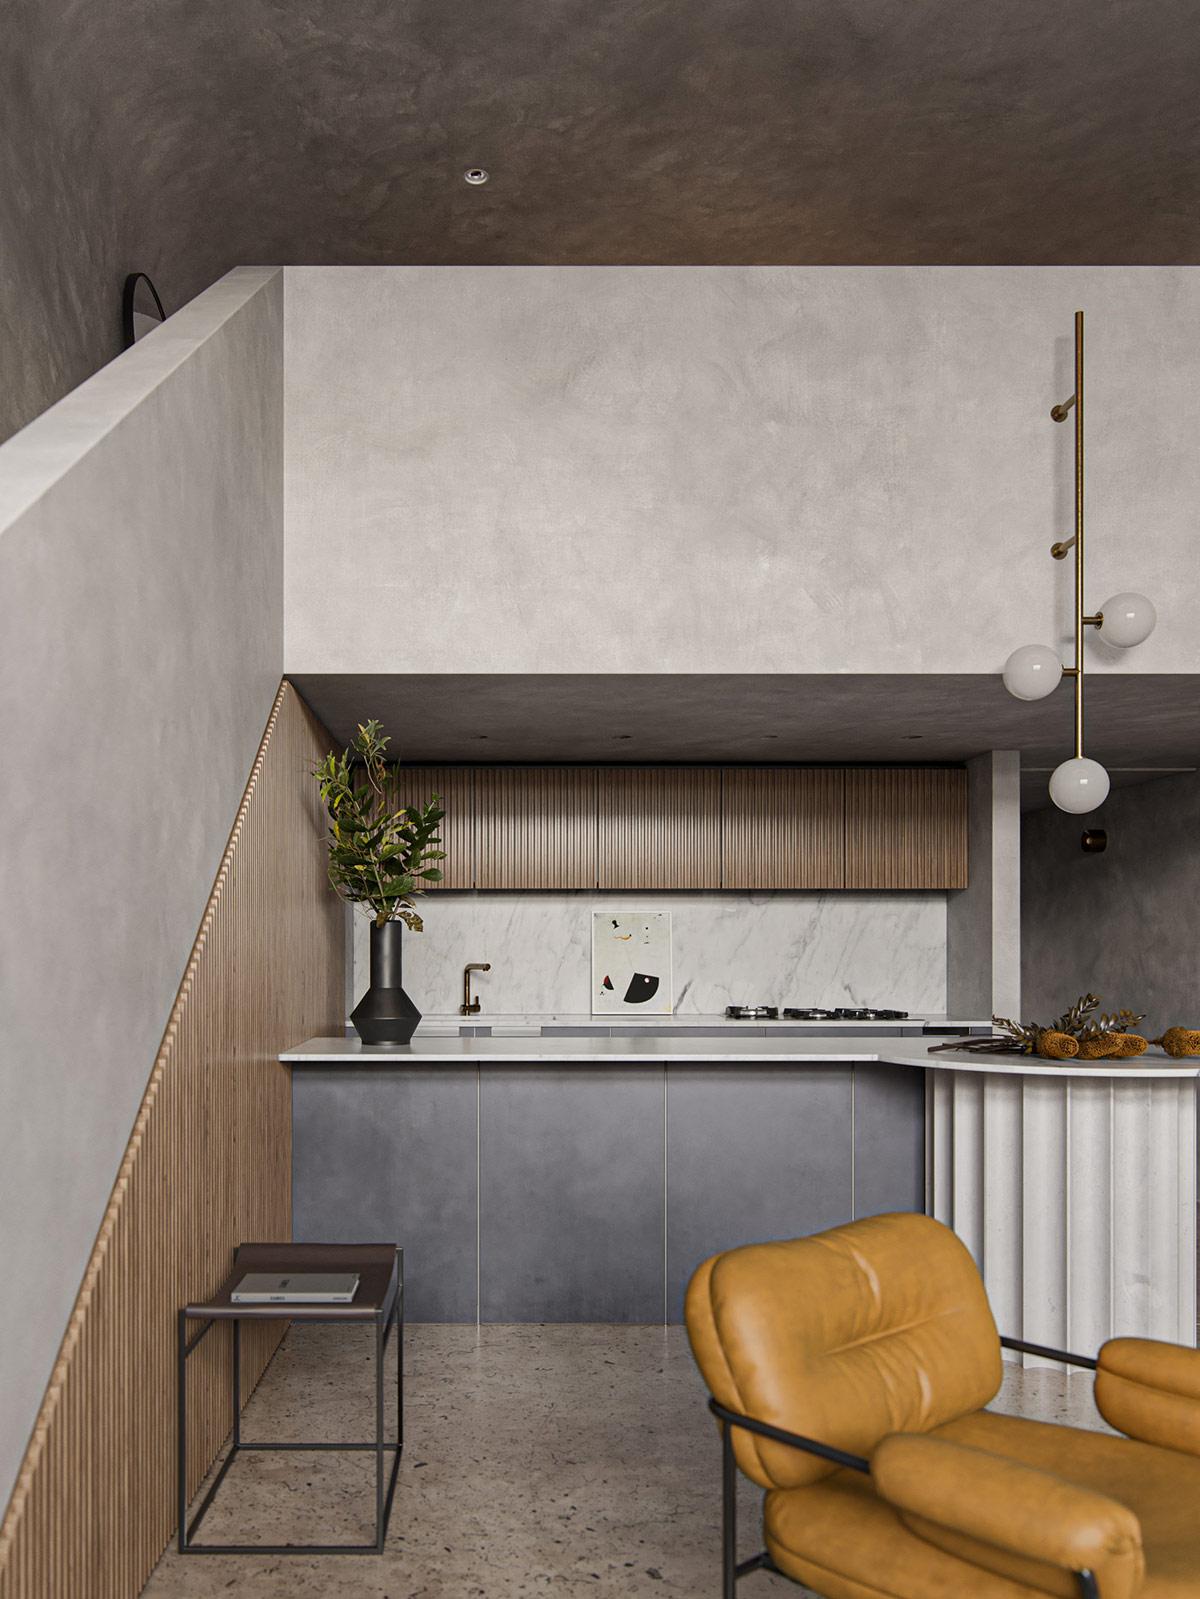 hình ảnh toàn cảnh phòng bếp nhỏ gọn nằm dưới tầng lửng